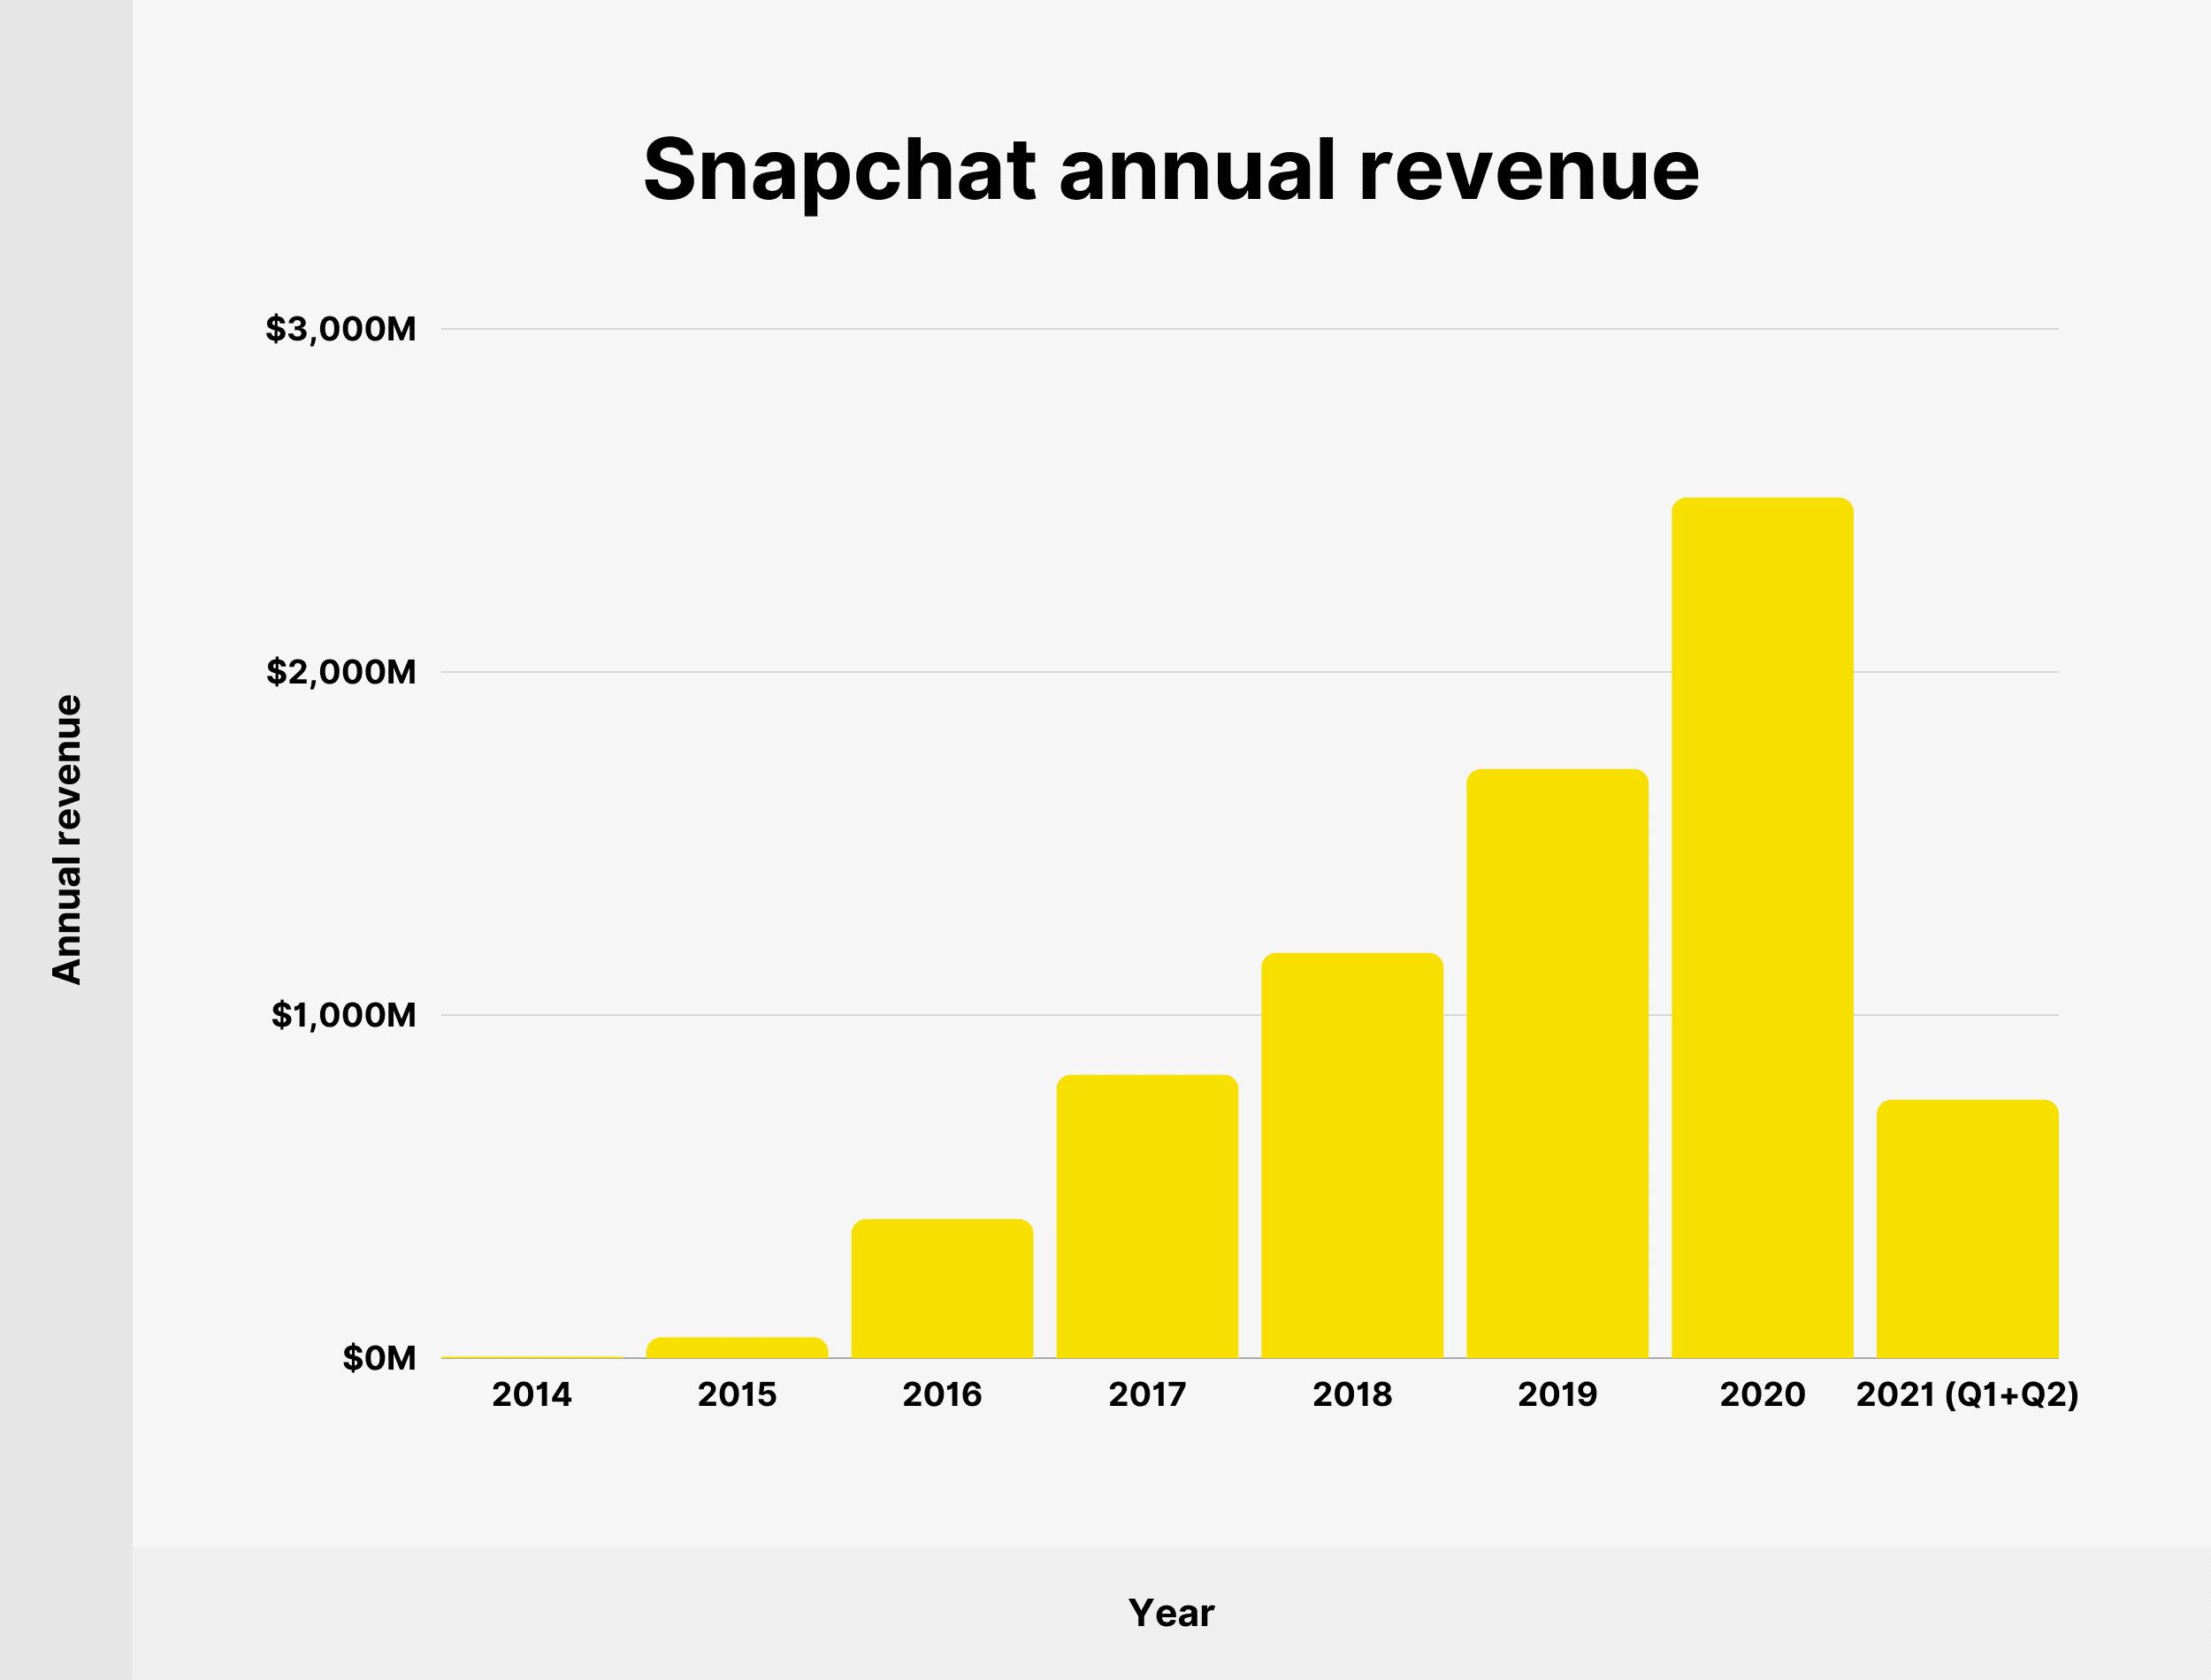 Snapchat annual revenue